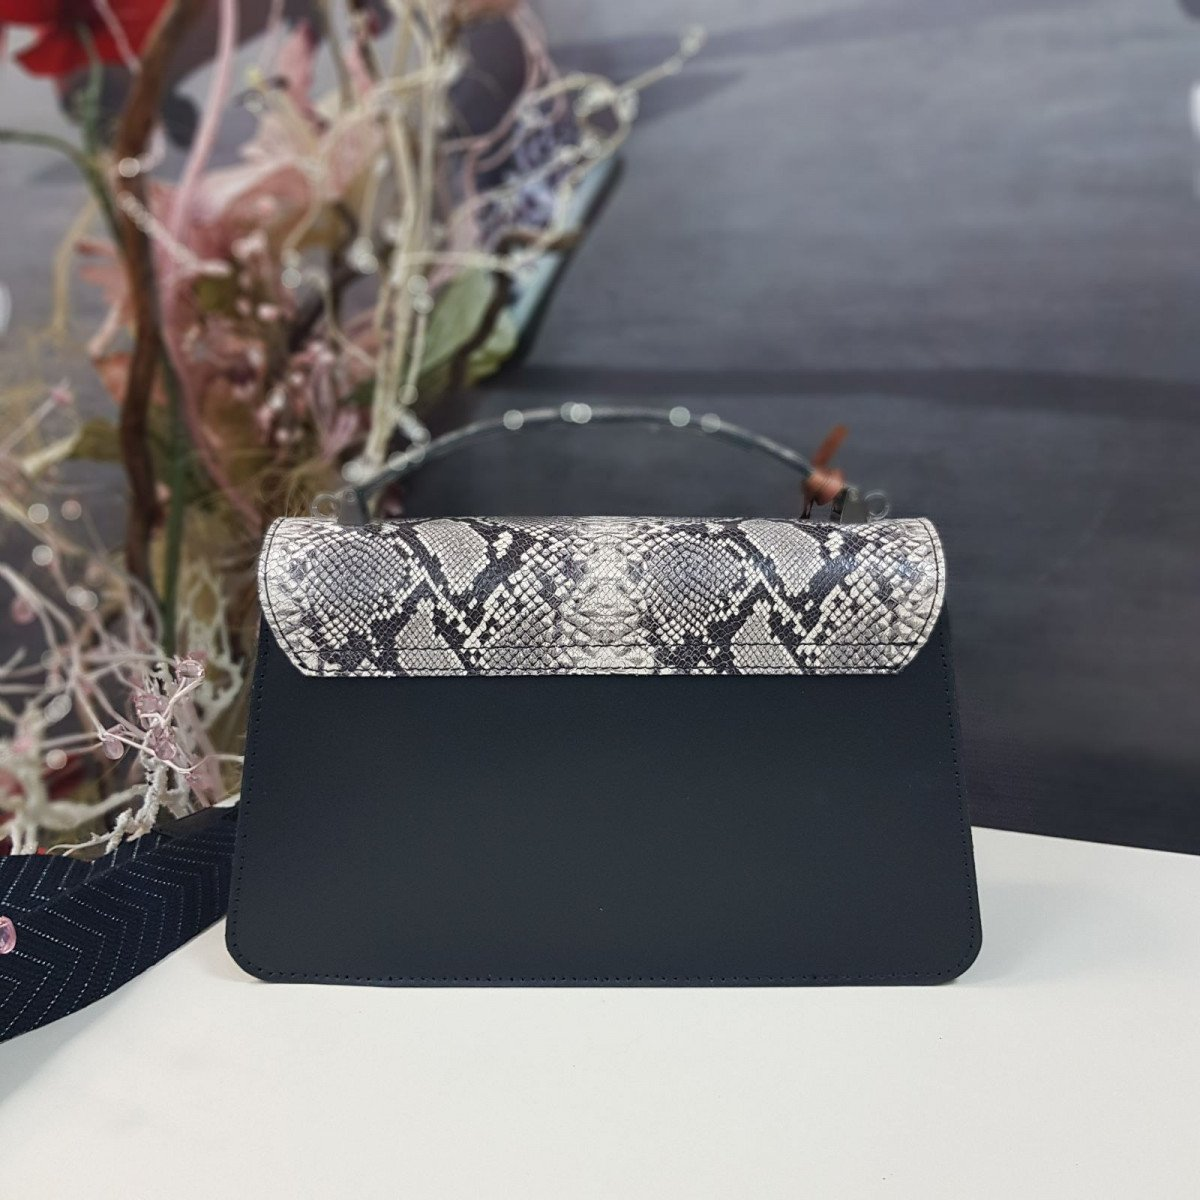 Женская кожаная сумка Arcadia 7538 ruga pit nero roccia из натуральной кожи